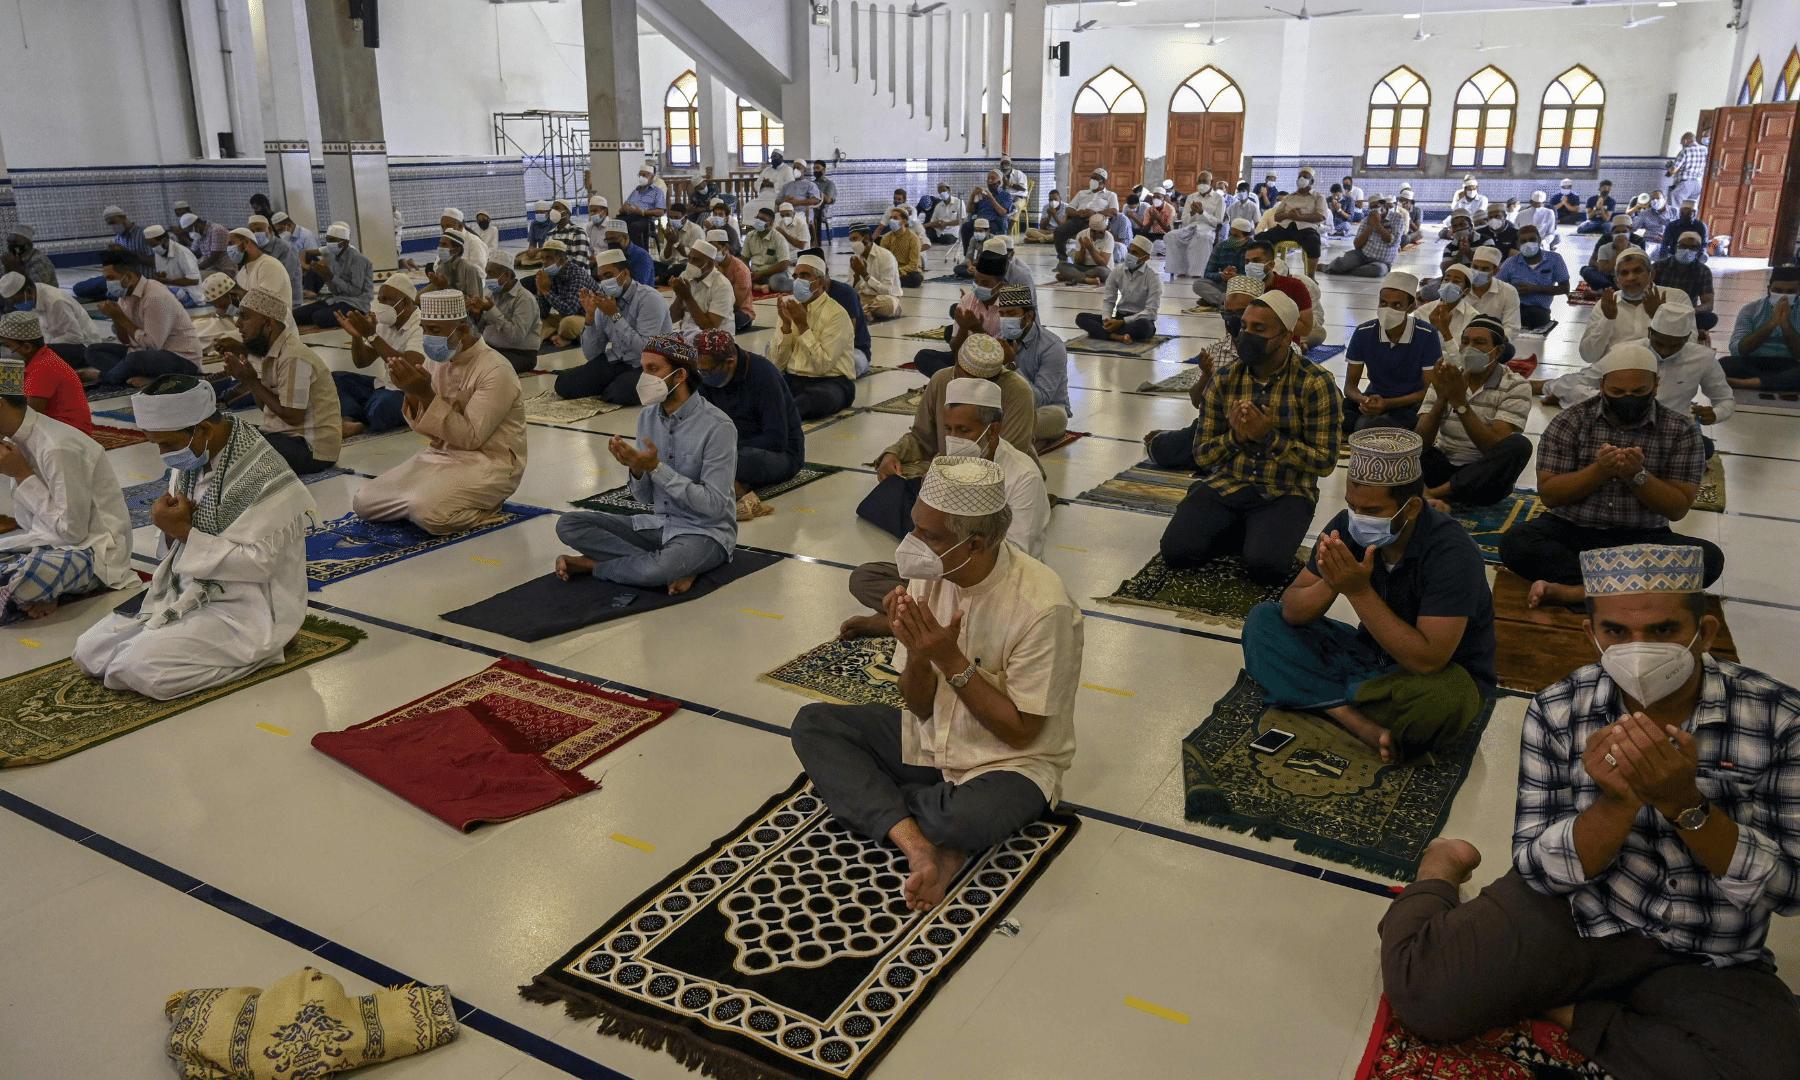 سری لنکا کے شہر کولمبو میں نماز عید کے اجتماع کے دوران کورونا کے ایس او پیز کا خاص خیال رکھا گیا— فوٹو: اے ایف پی